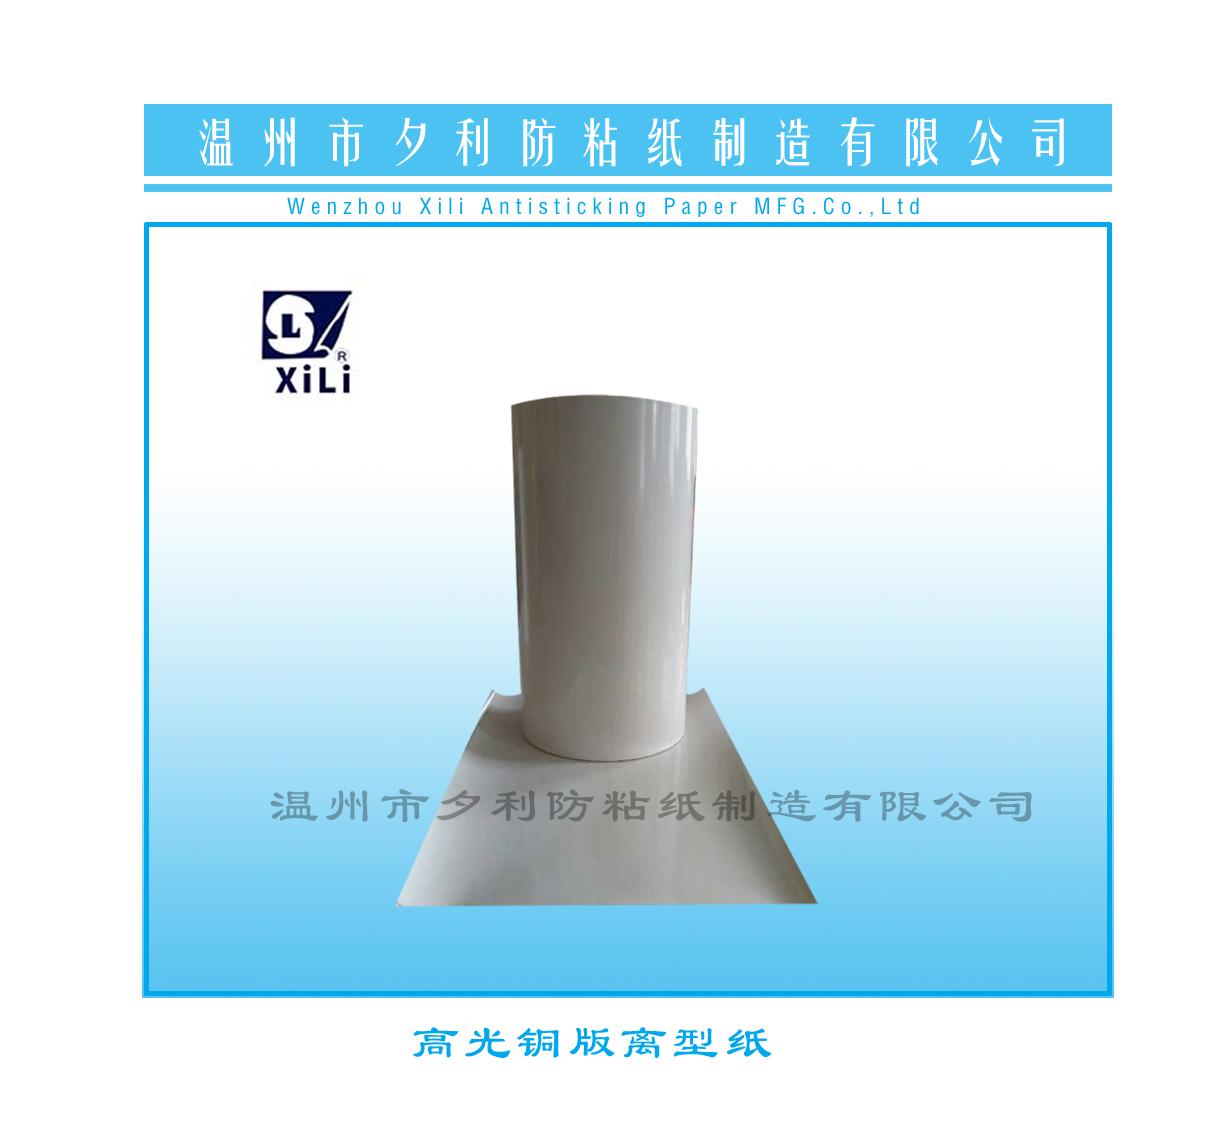 厂家生产直销100克镜面高光铜版离型纸大母卷可切片 品质保障